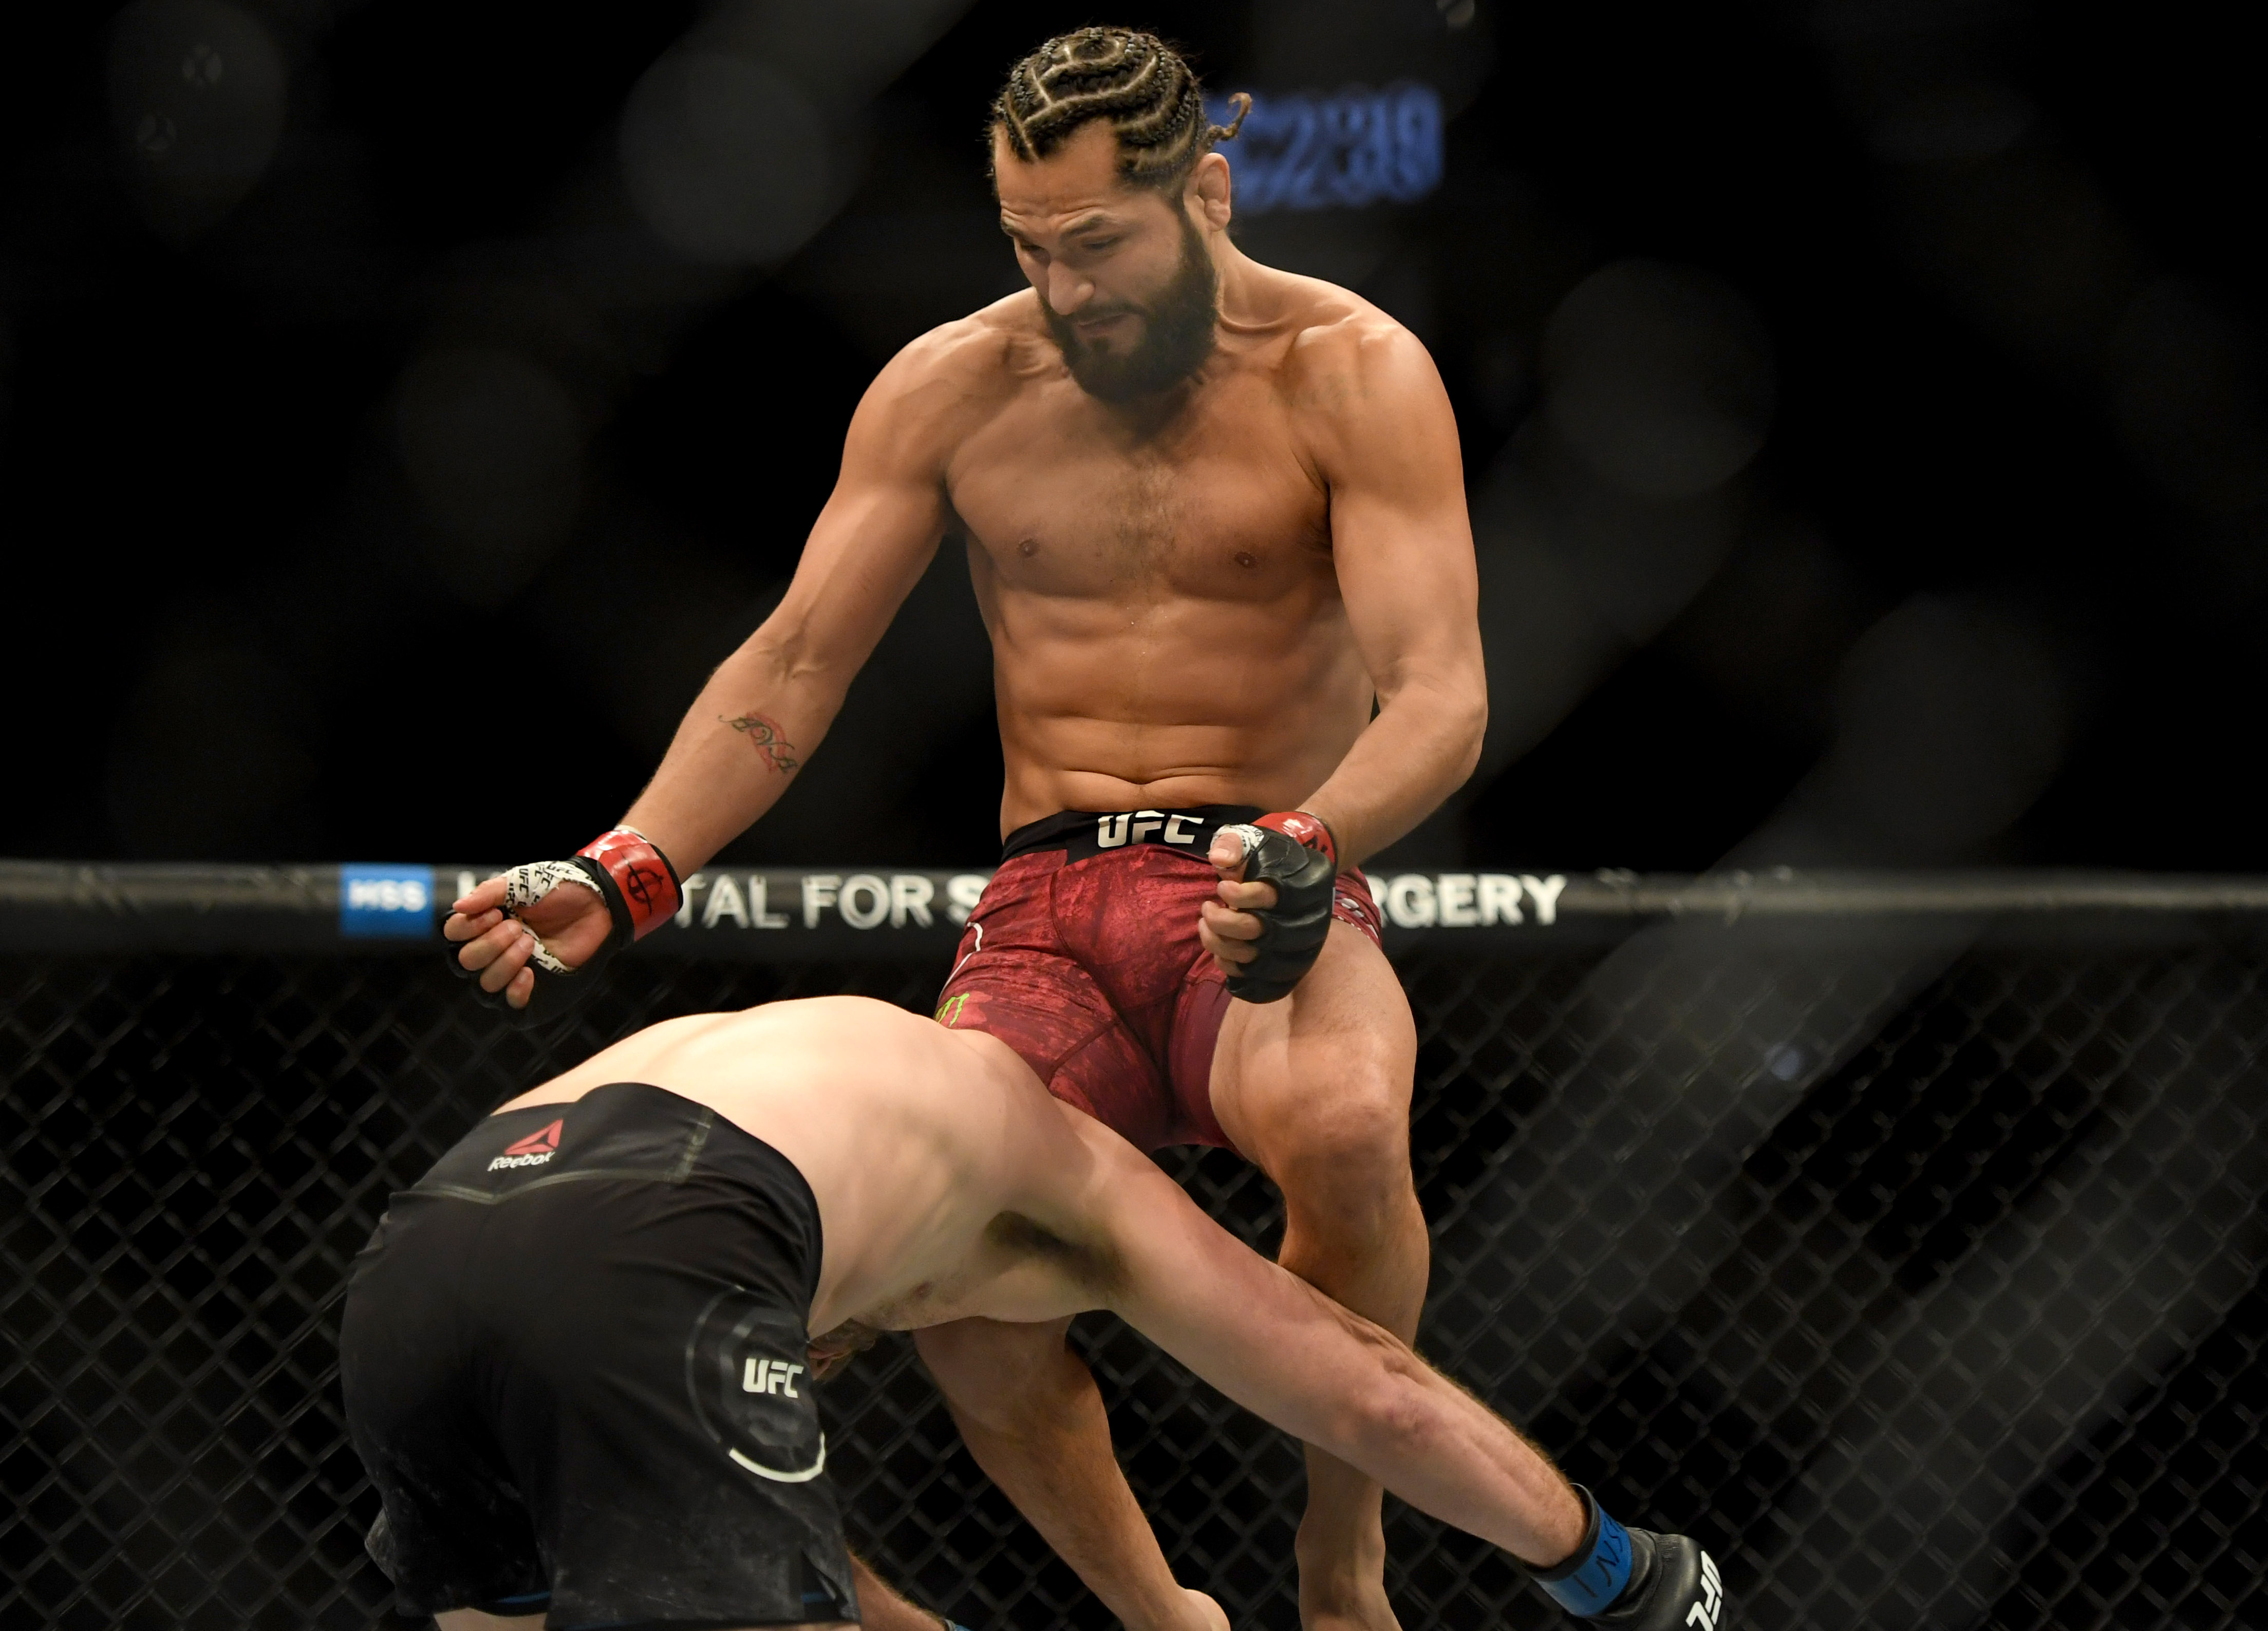 Ben Askren flying knee to head Jorge Masvidal